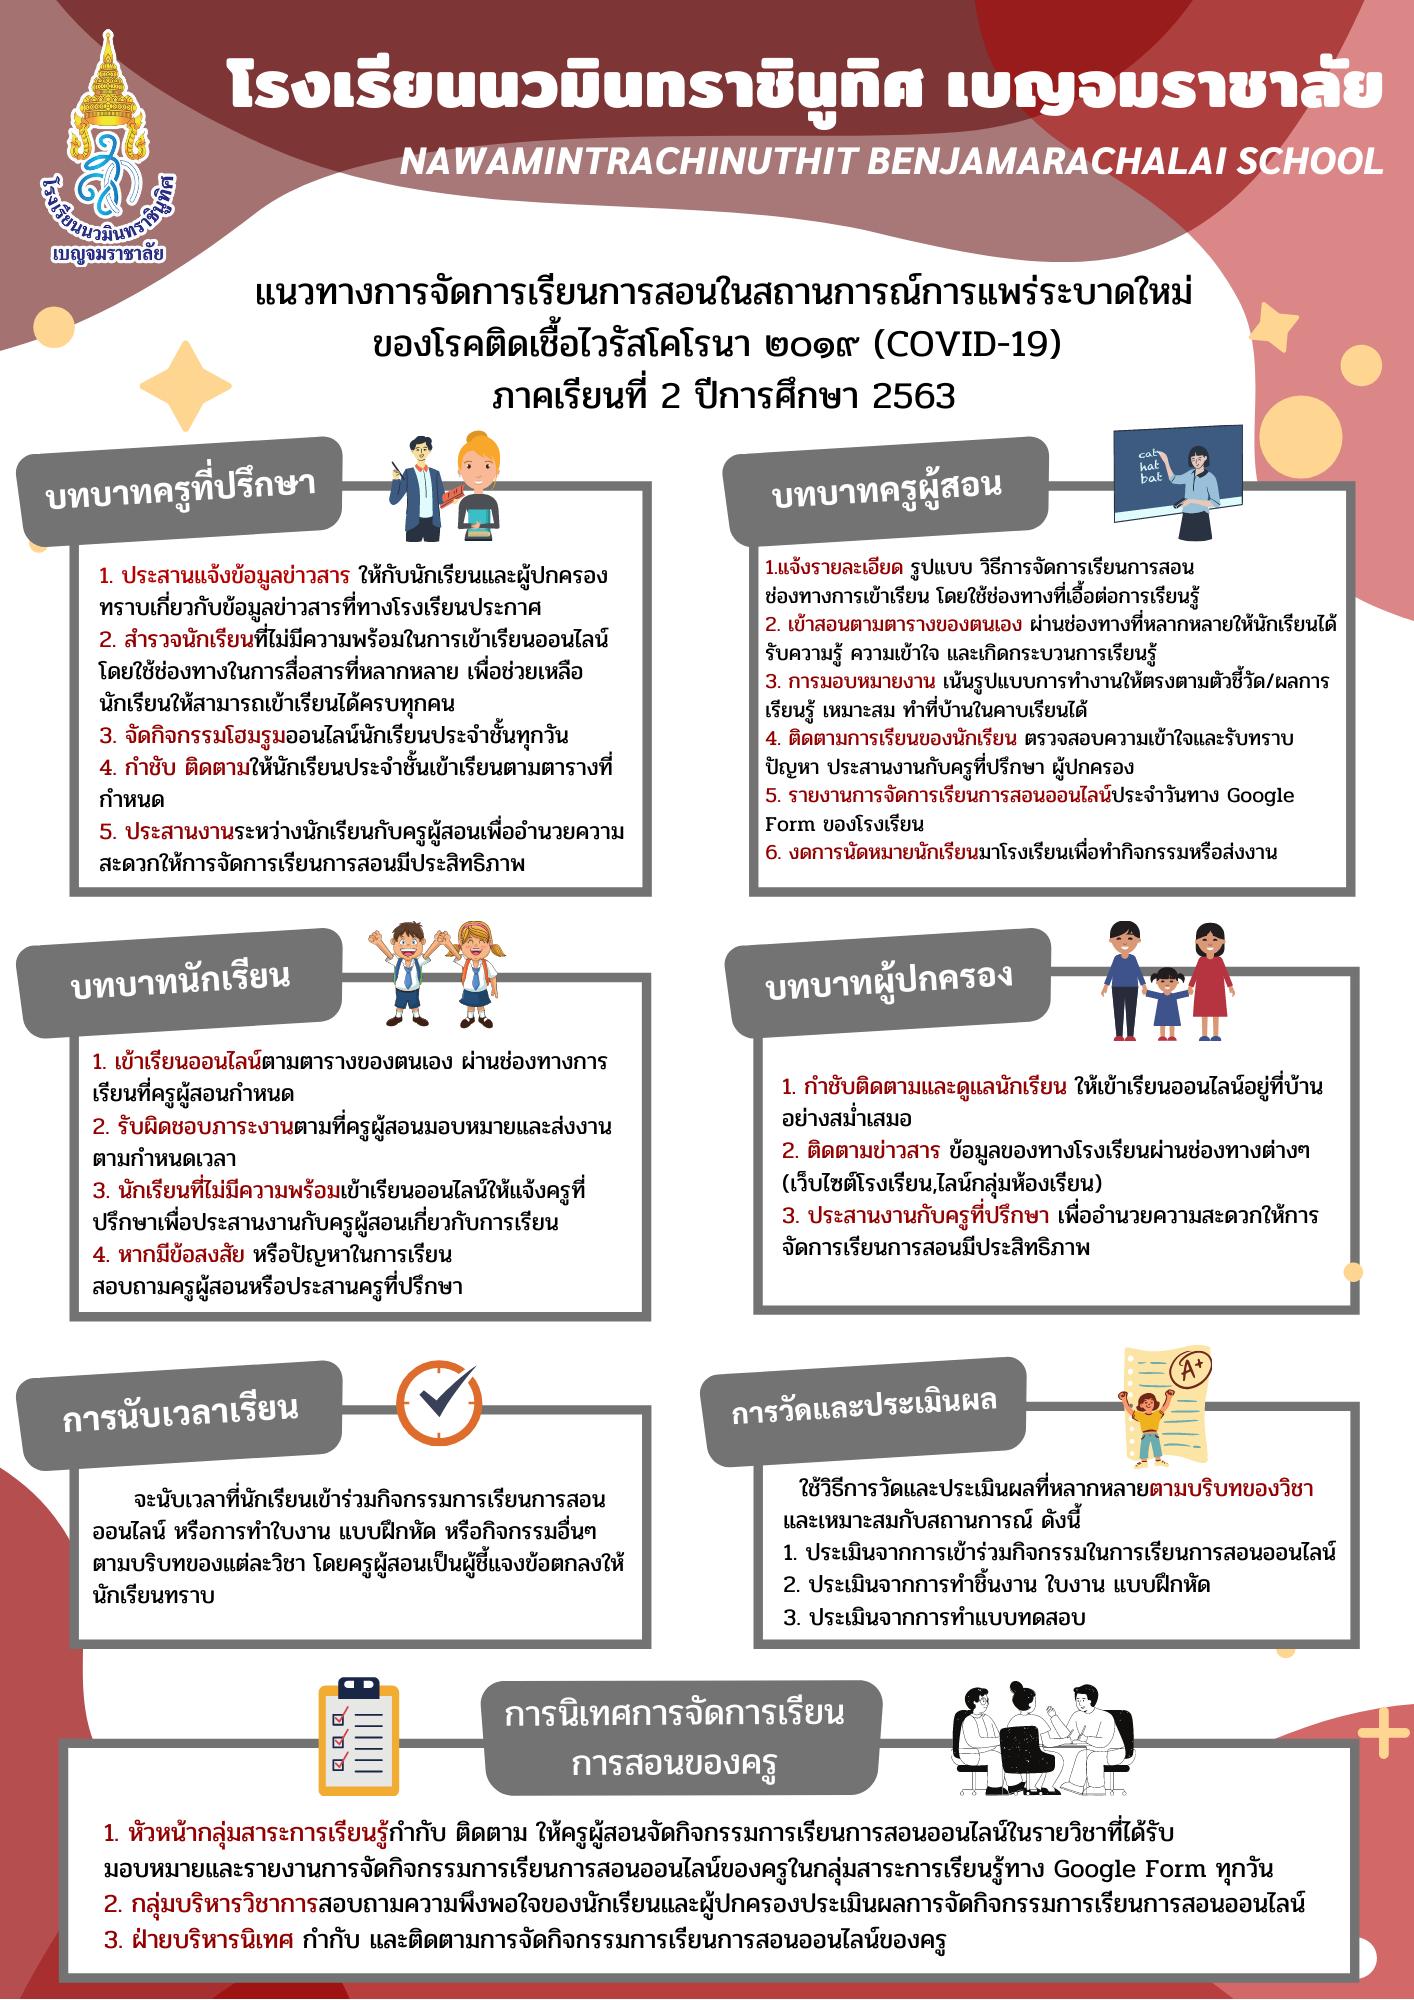 แนวทางการจัดการเรียนการสอนในสถานการณ์ COVID-19